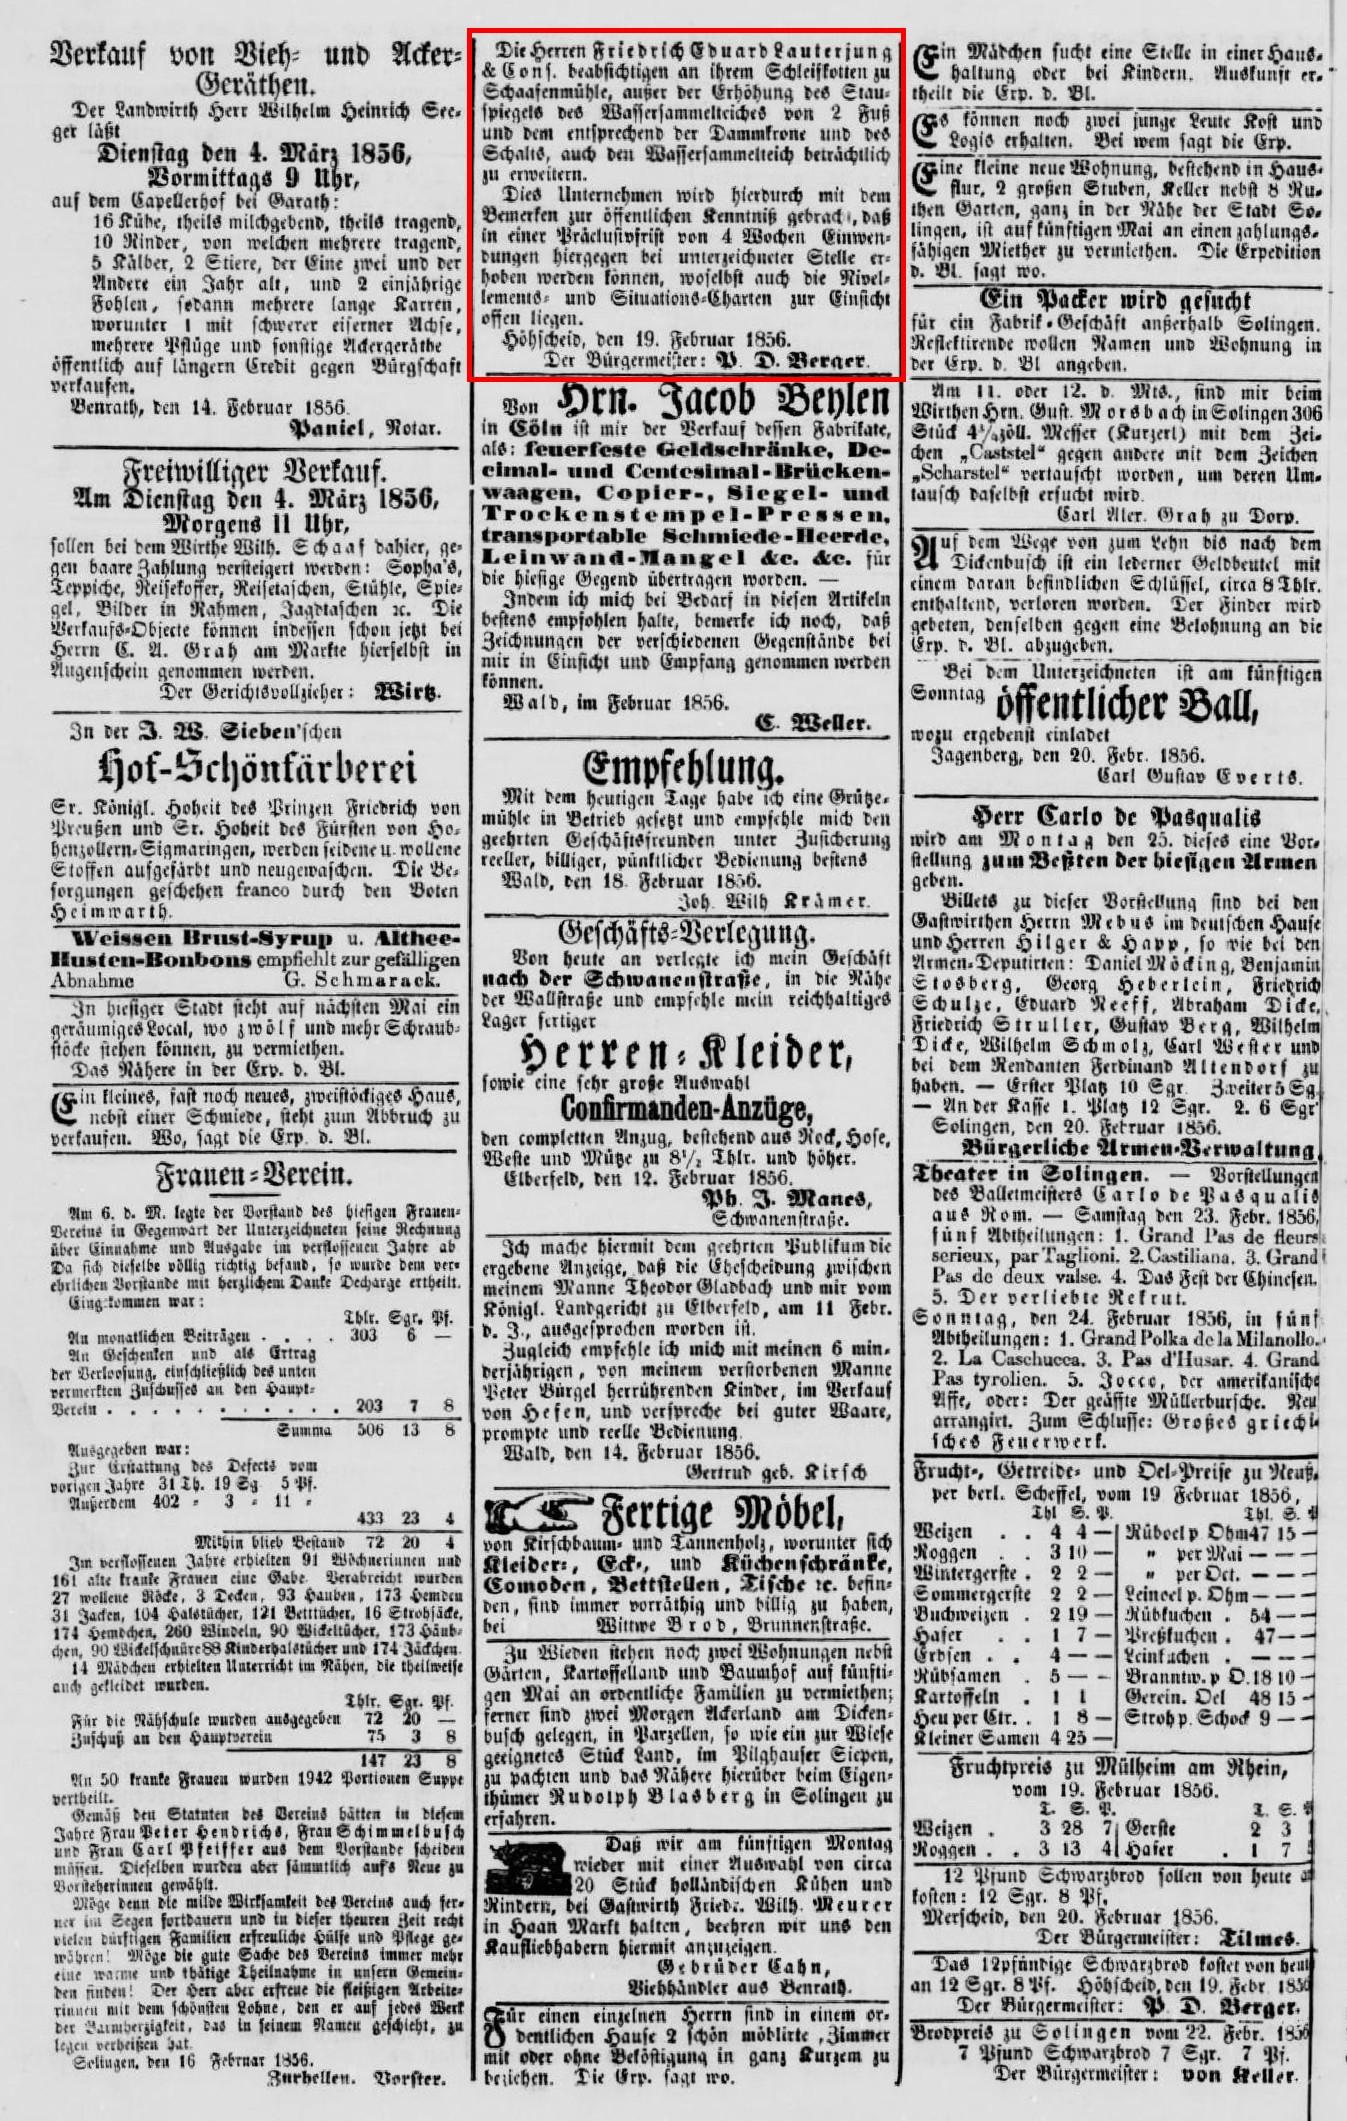 Anzeige im Solinger-Kreis-Intelligenzblatt vom 23.02.1856